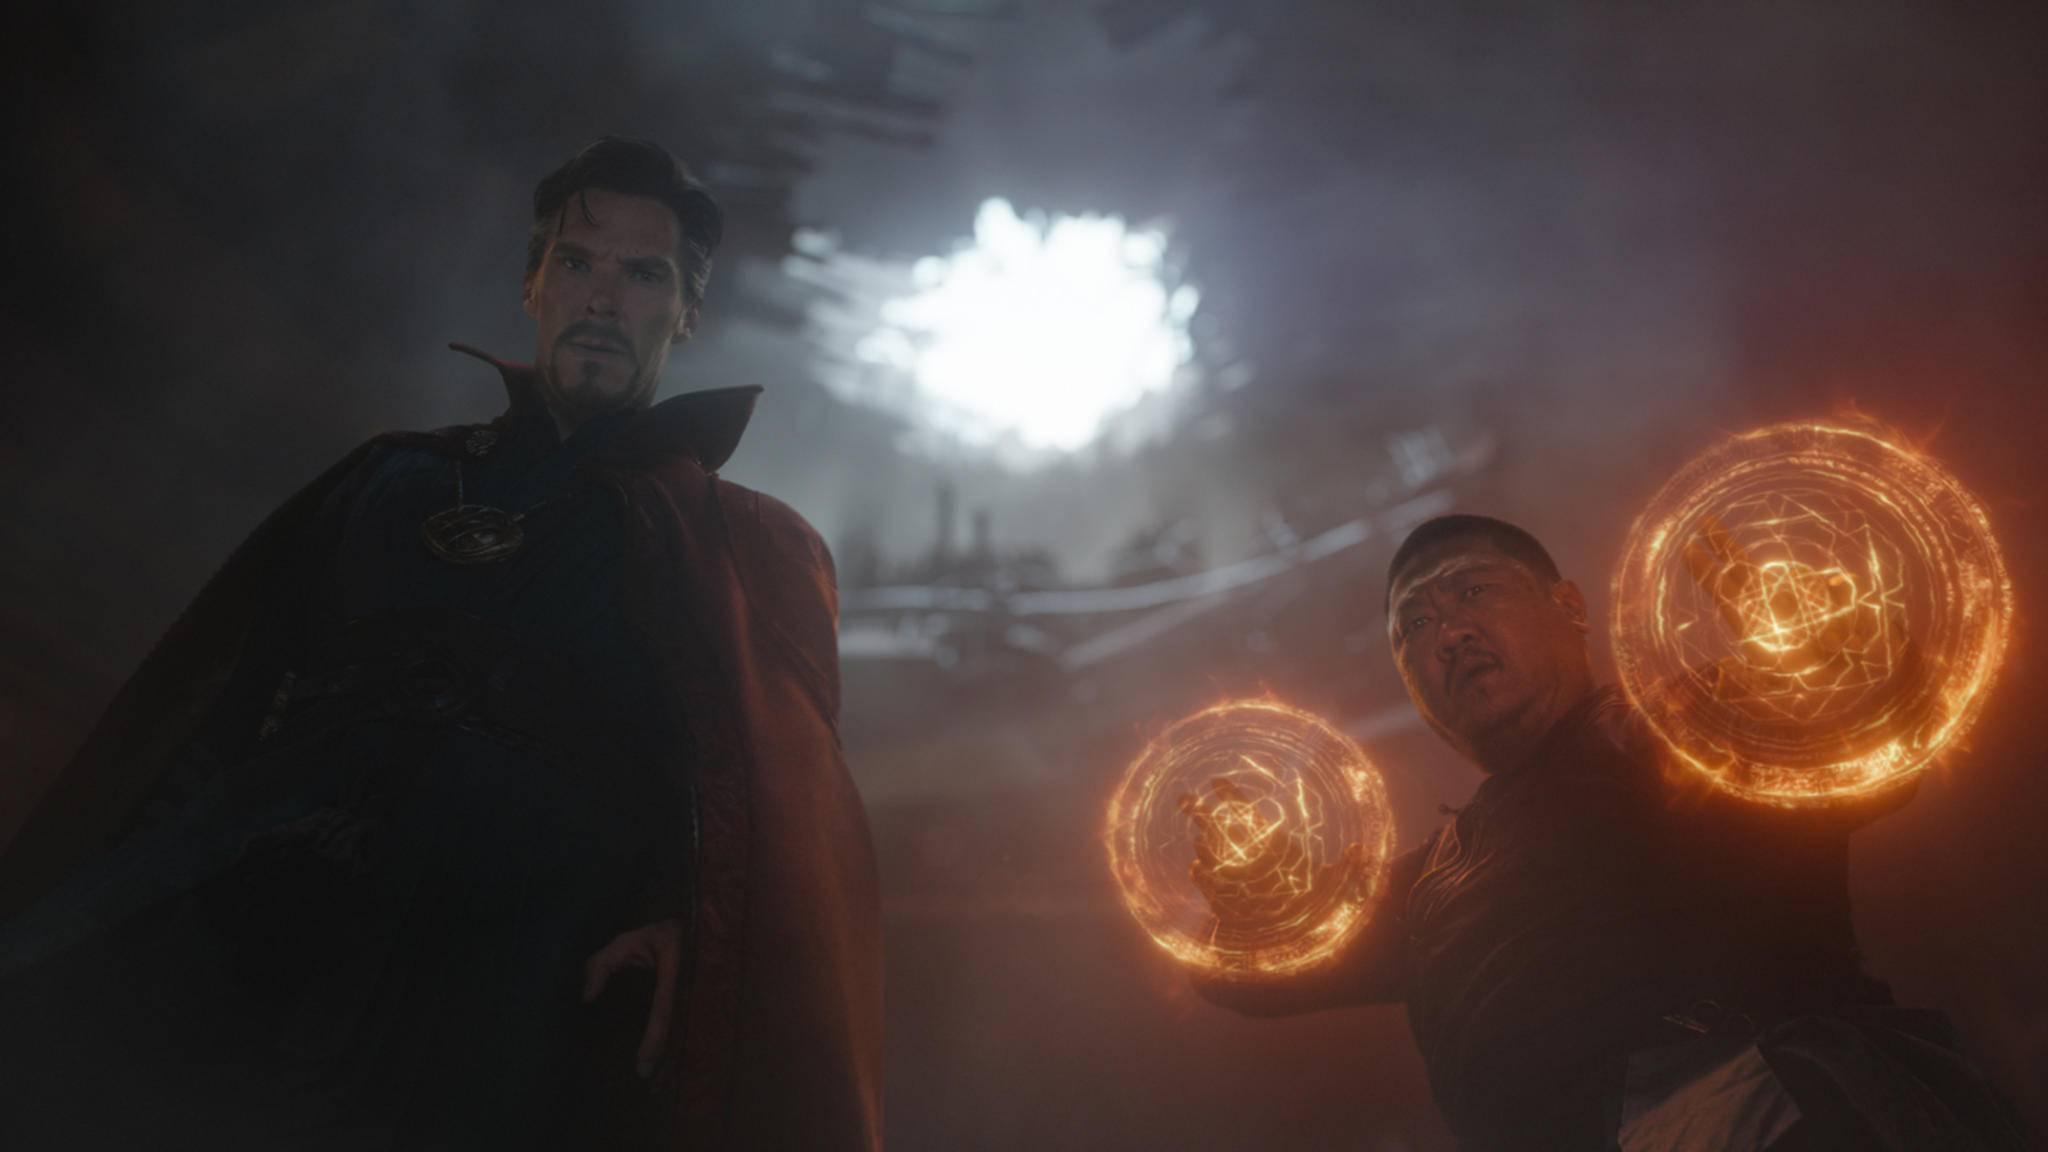 Da staunen Doctor Strange (links) und Wong (rechts) nicht schlecht.